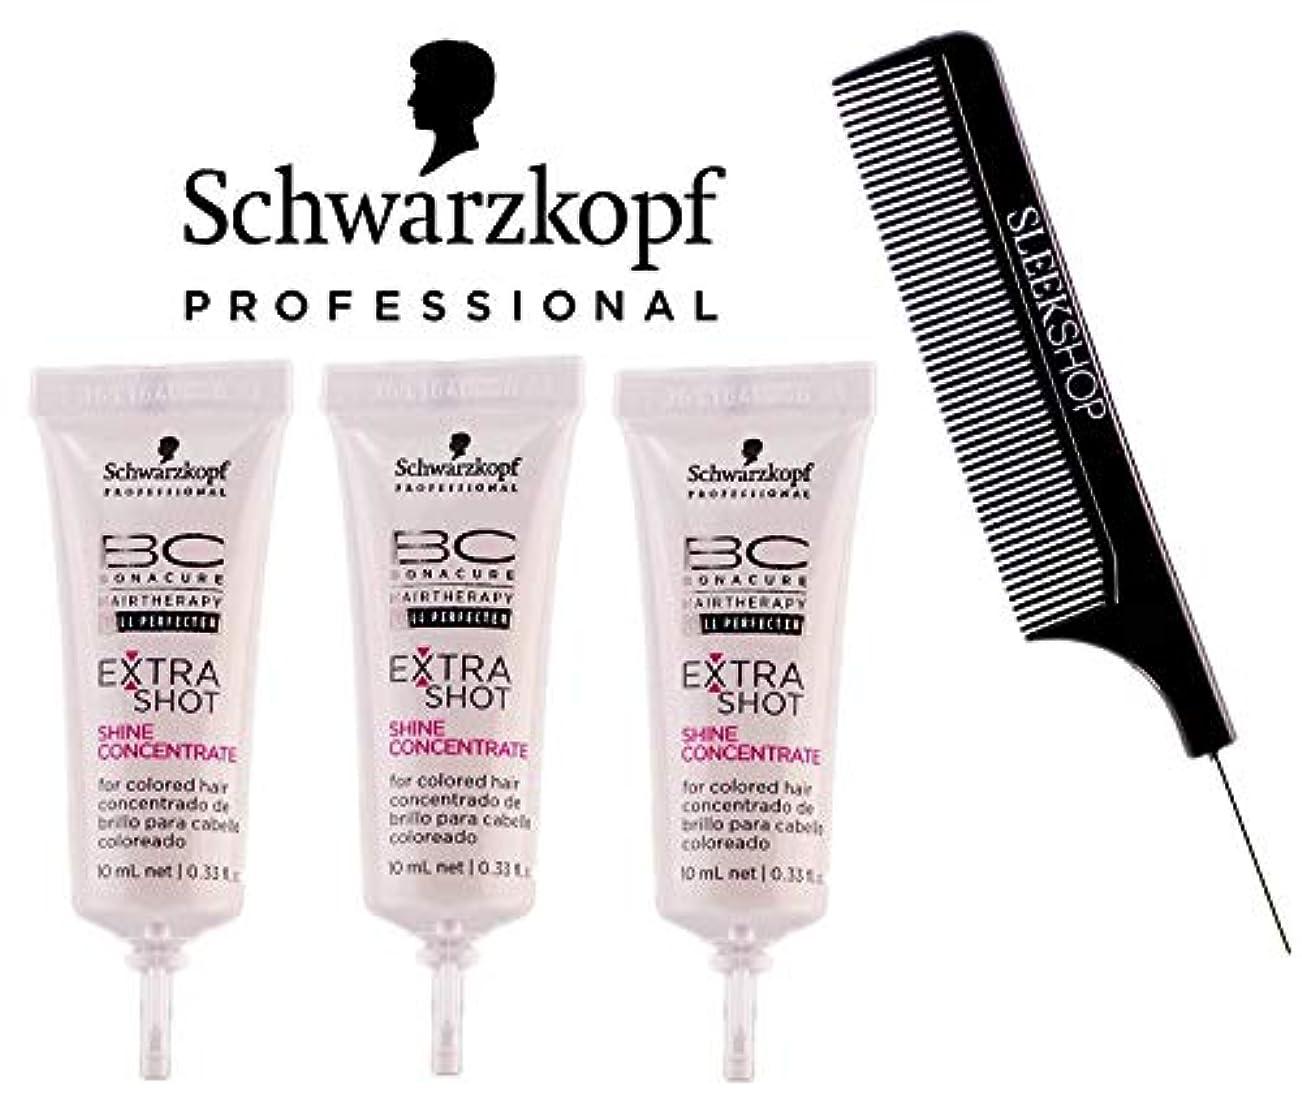 記念日集中的な病弱Schwarzkopf (なめらかなスチールピンテールコーム付き)色の髪のためのBC Bonacureエキストラショット磨きコンセントレイト (3-pack) x 0.33 oz